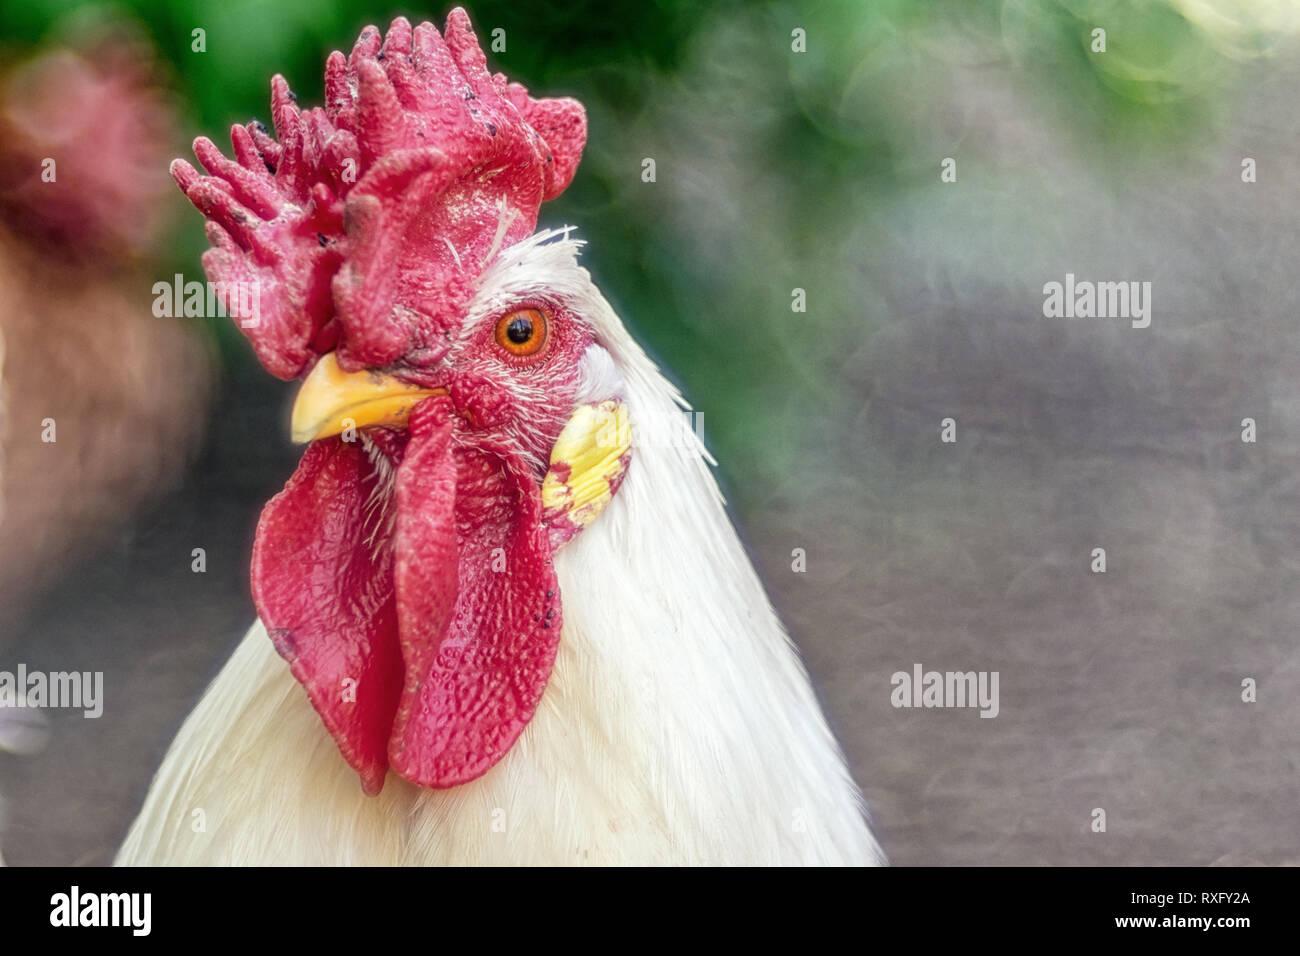 Hühner Portrait Nahaufnahme mit strukturiertem Hintergrund - Altglas Foto - Stock Image